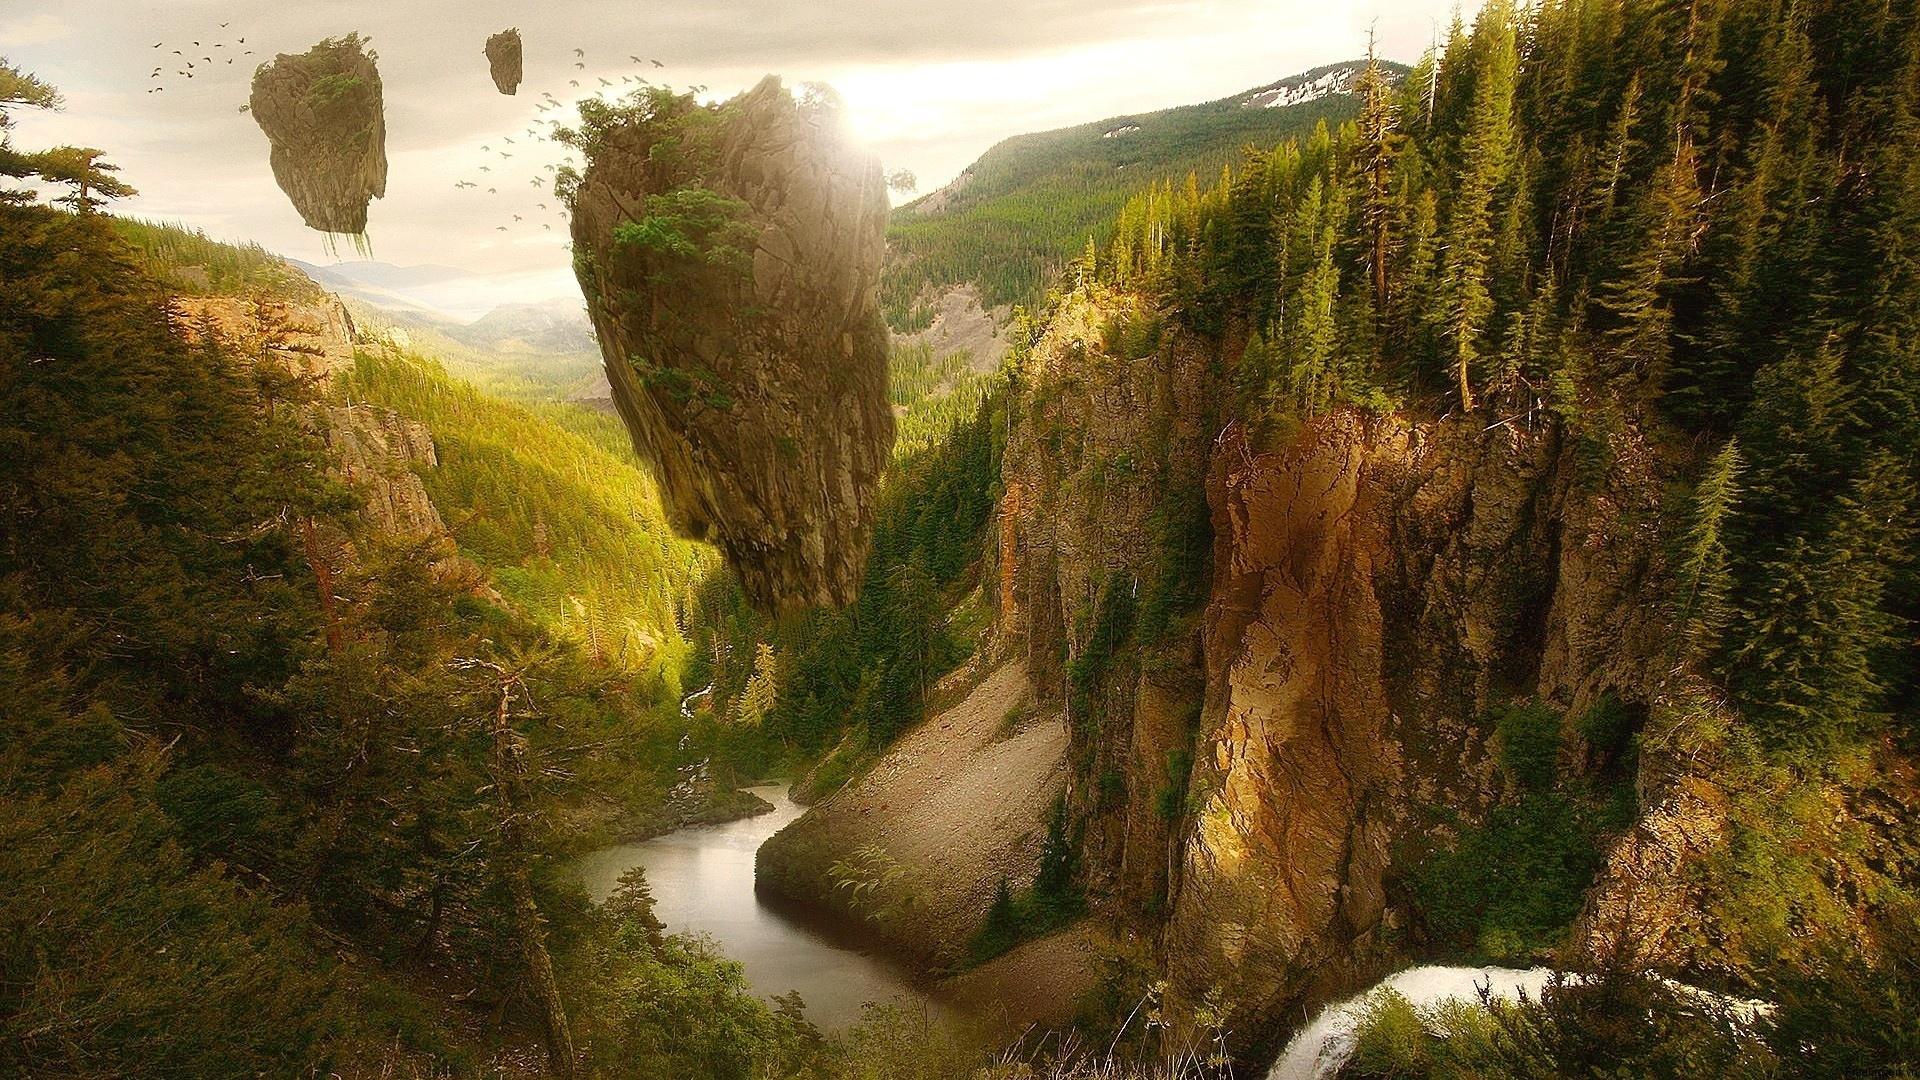 остров арт дерево река в хорошем качестве